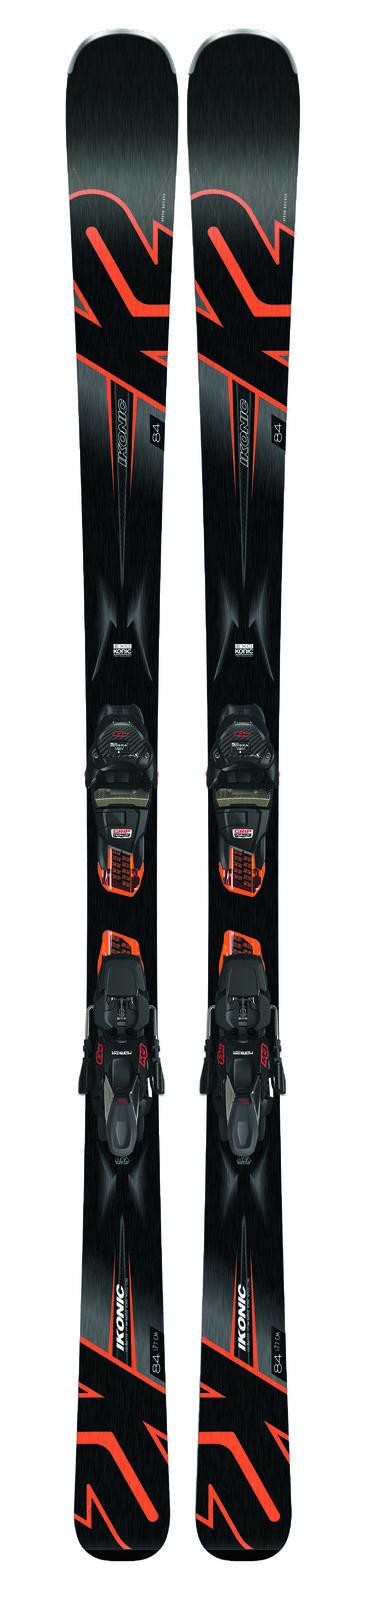 K2 Alpinski Set Ski + Bindung   Ikonic 84 + M3 12 TCX Light Quikclik